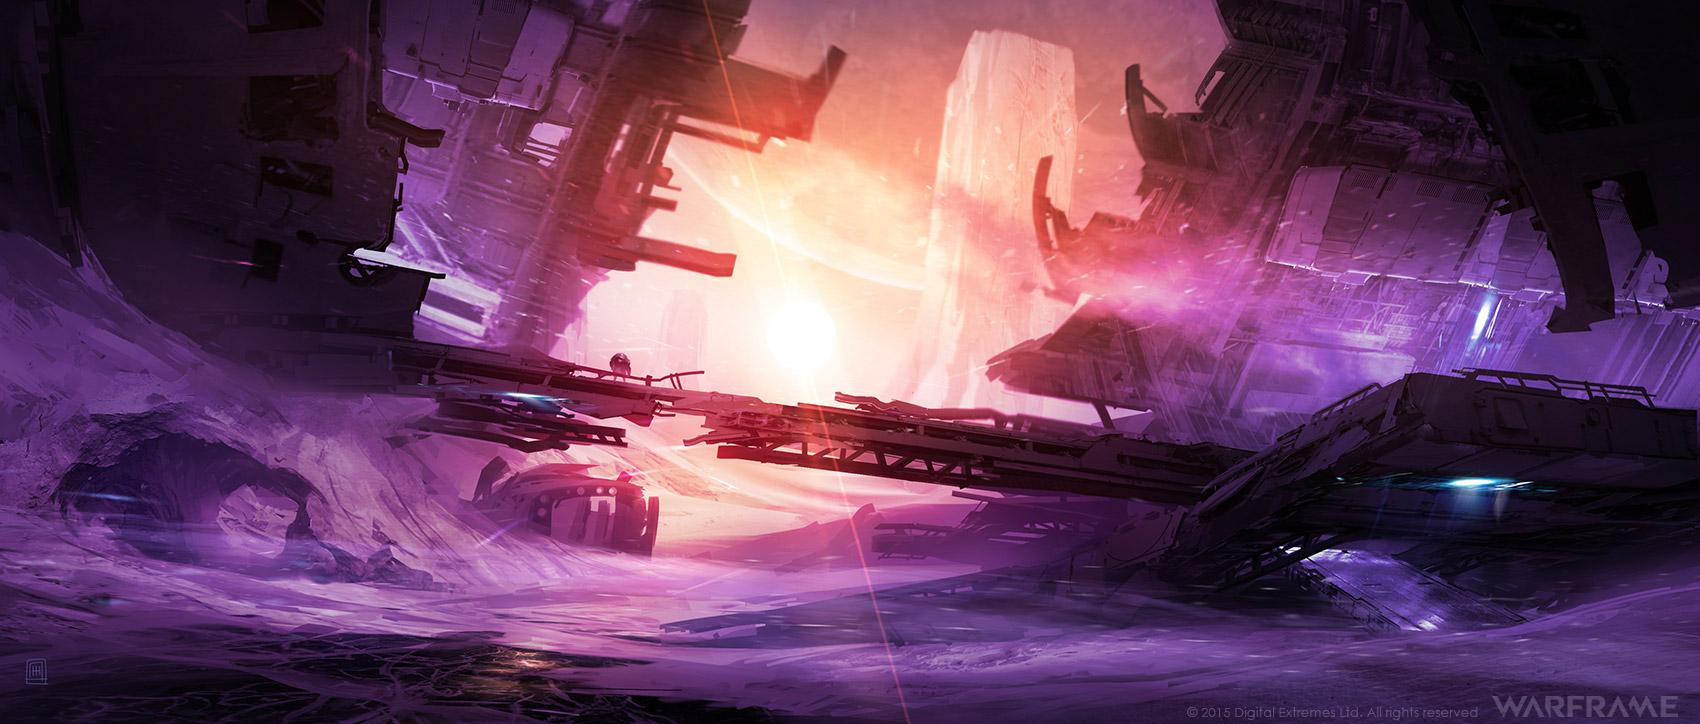 Warframe_Corpus_IcePlanet_Wreckage_K